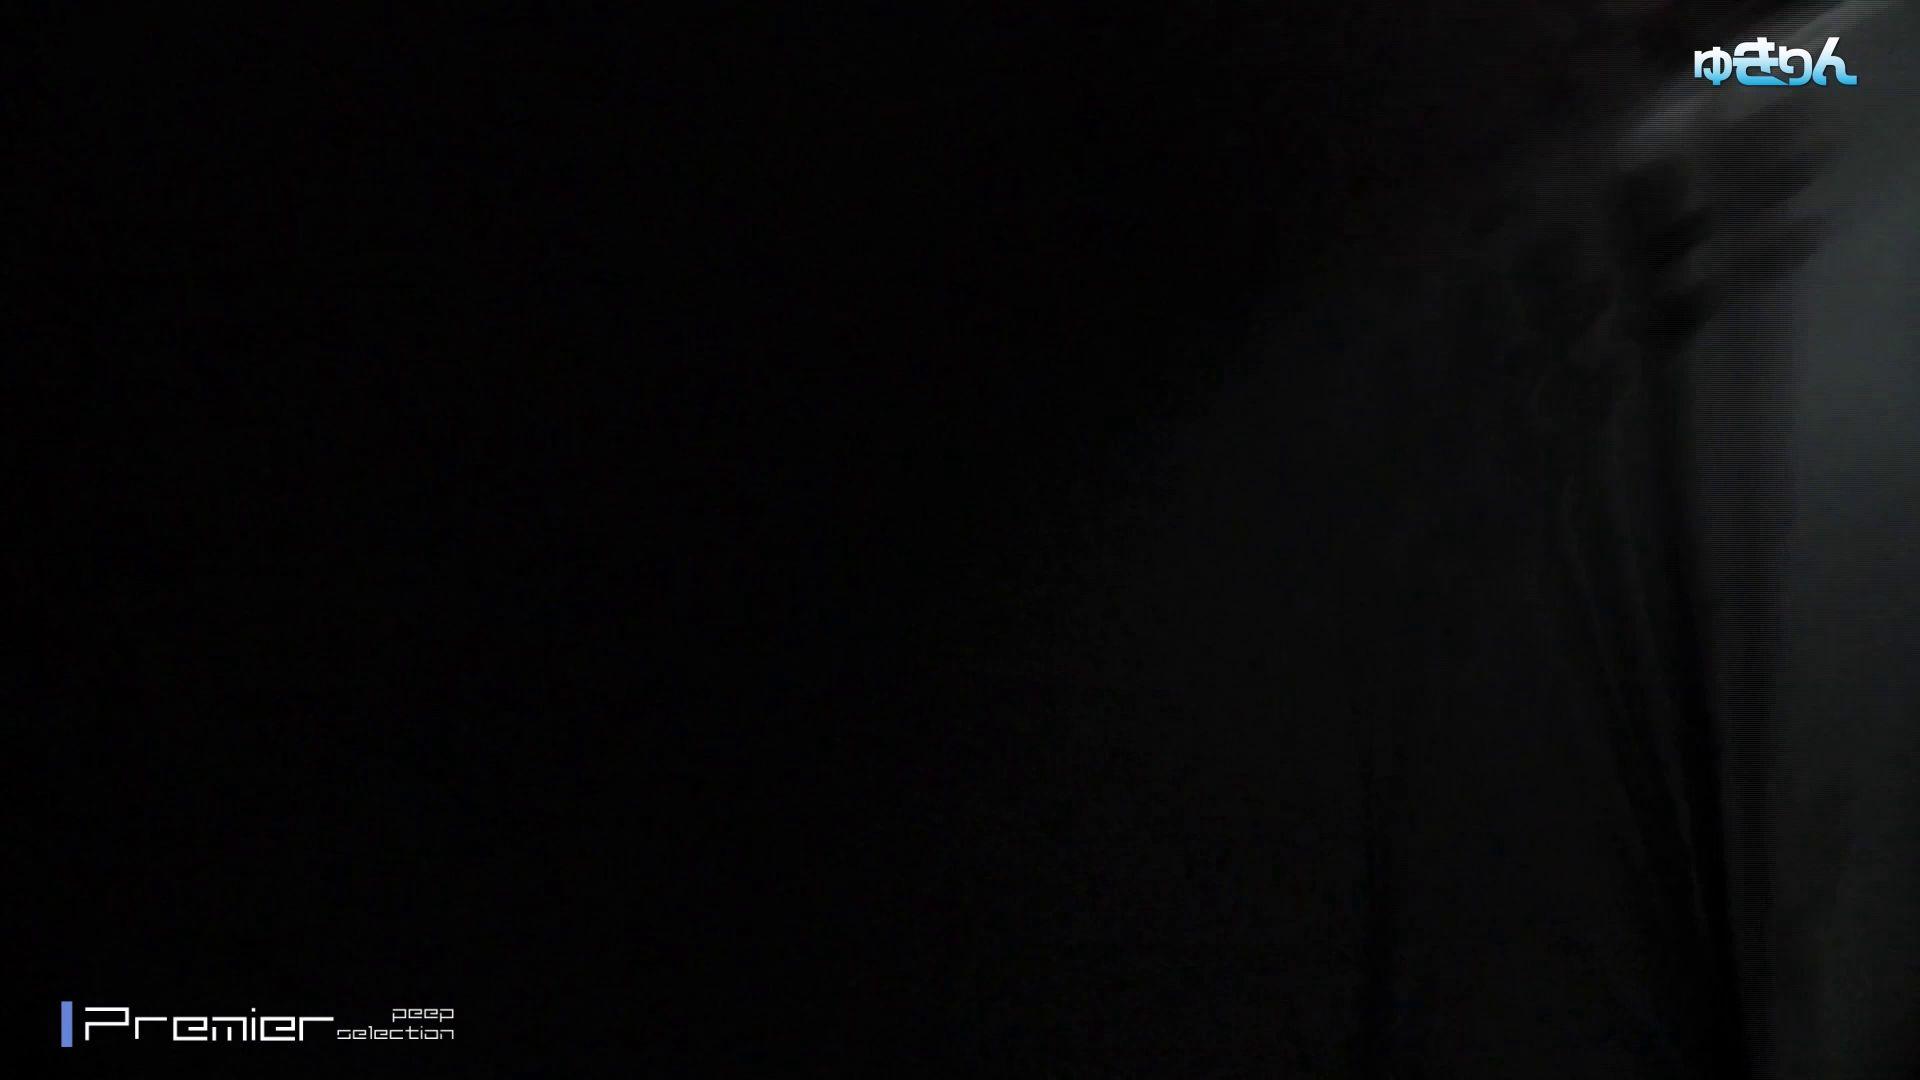 ステーション編 vol64 無料サンプルのモデル登場!最高級の美人全然違う花弁 OL | モデルコレクション  66連発 39